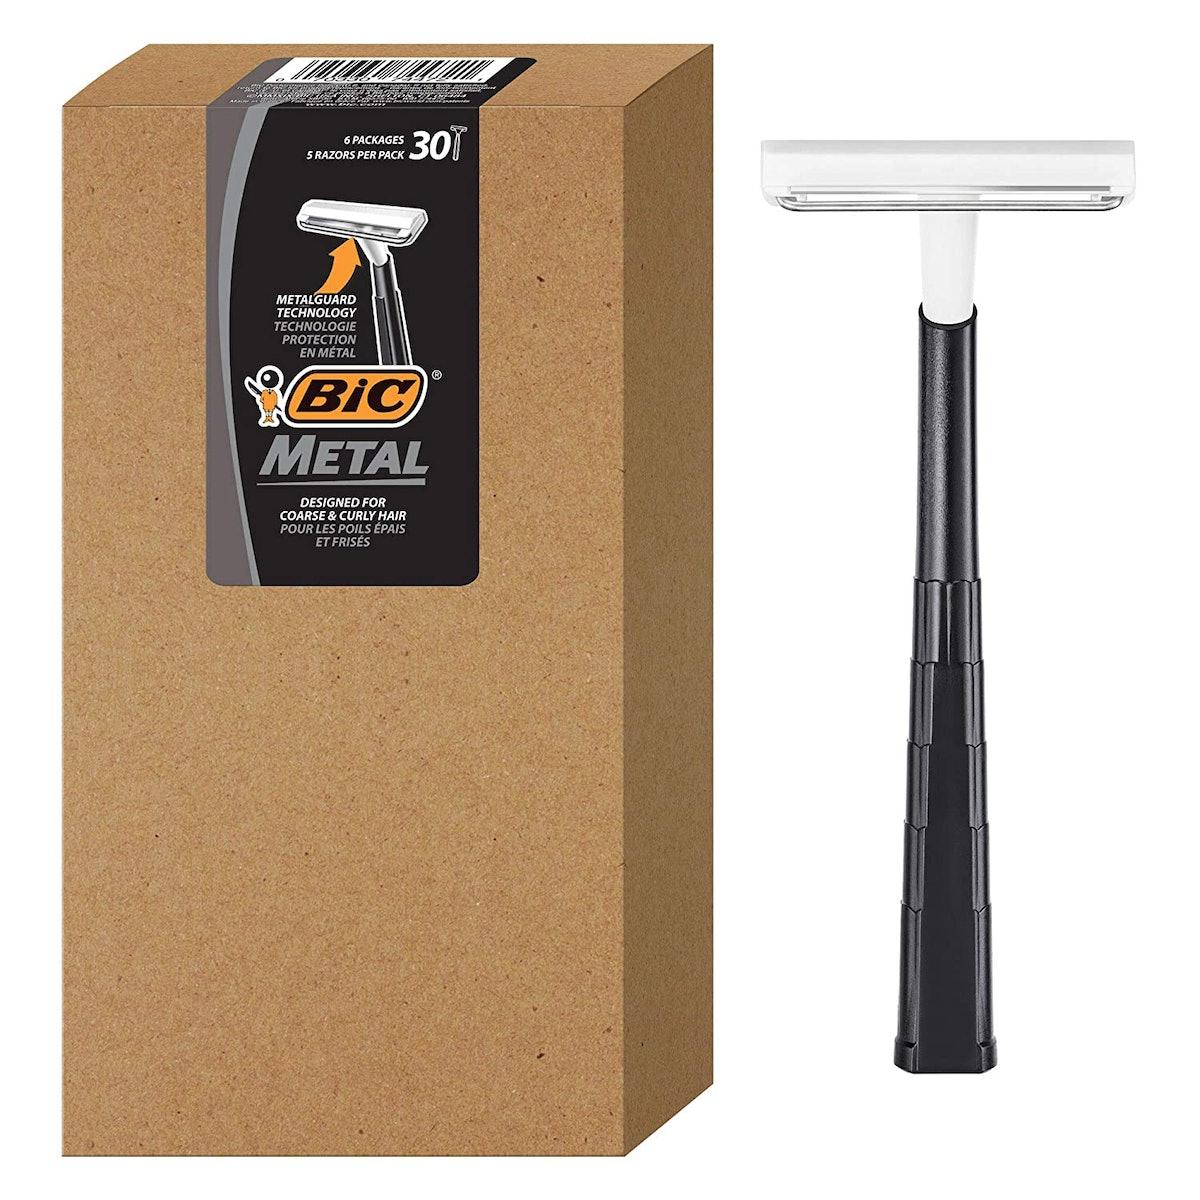 BIC Metal Disposable Shaving Razors (30-Pack)